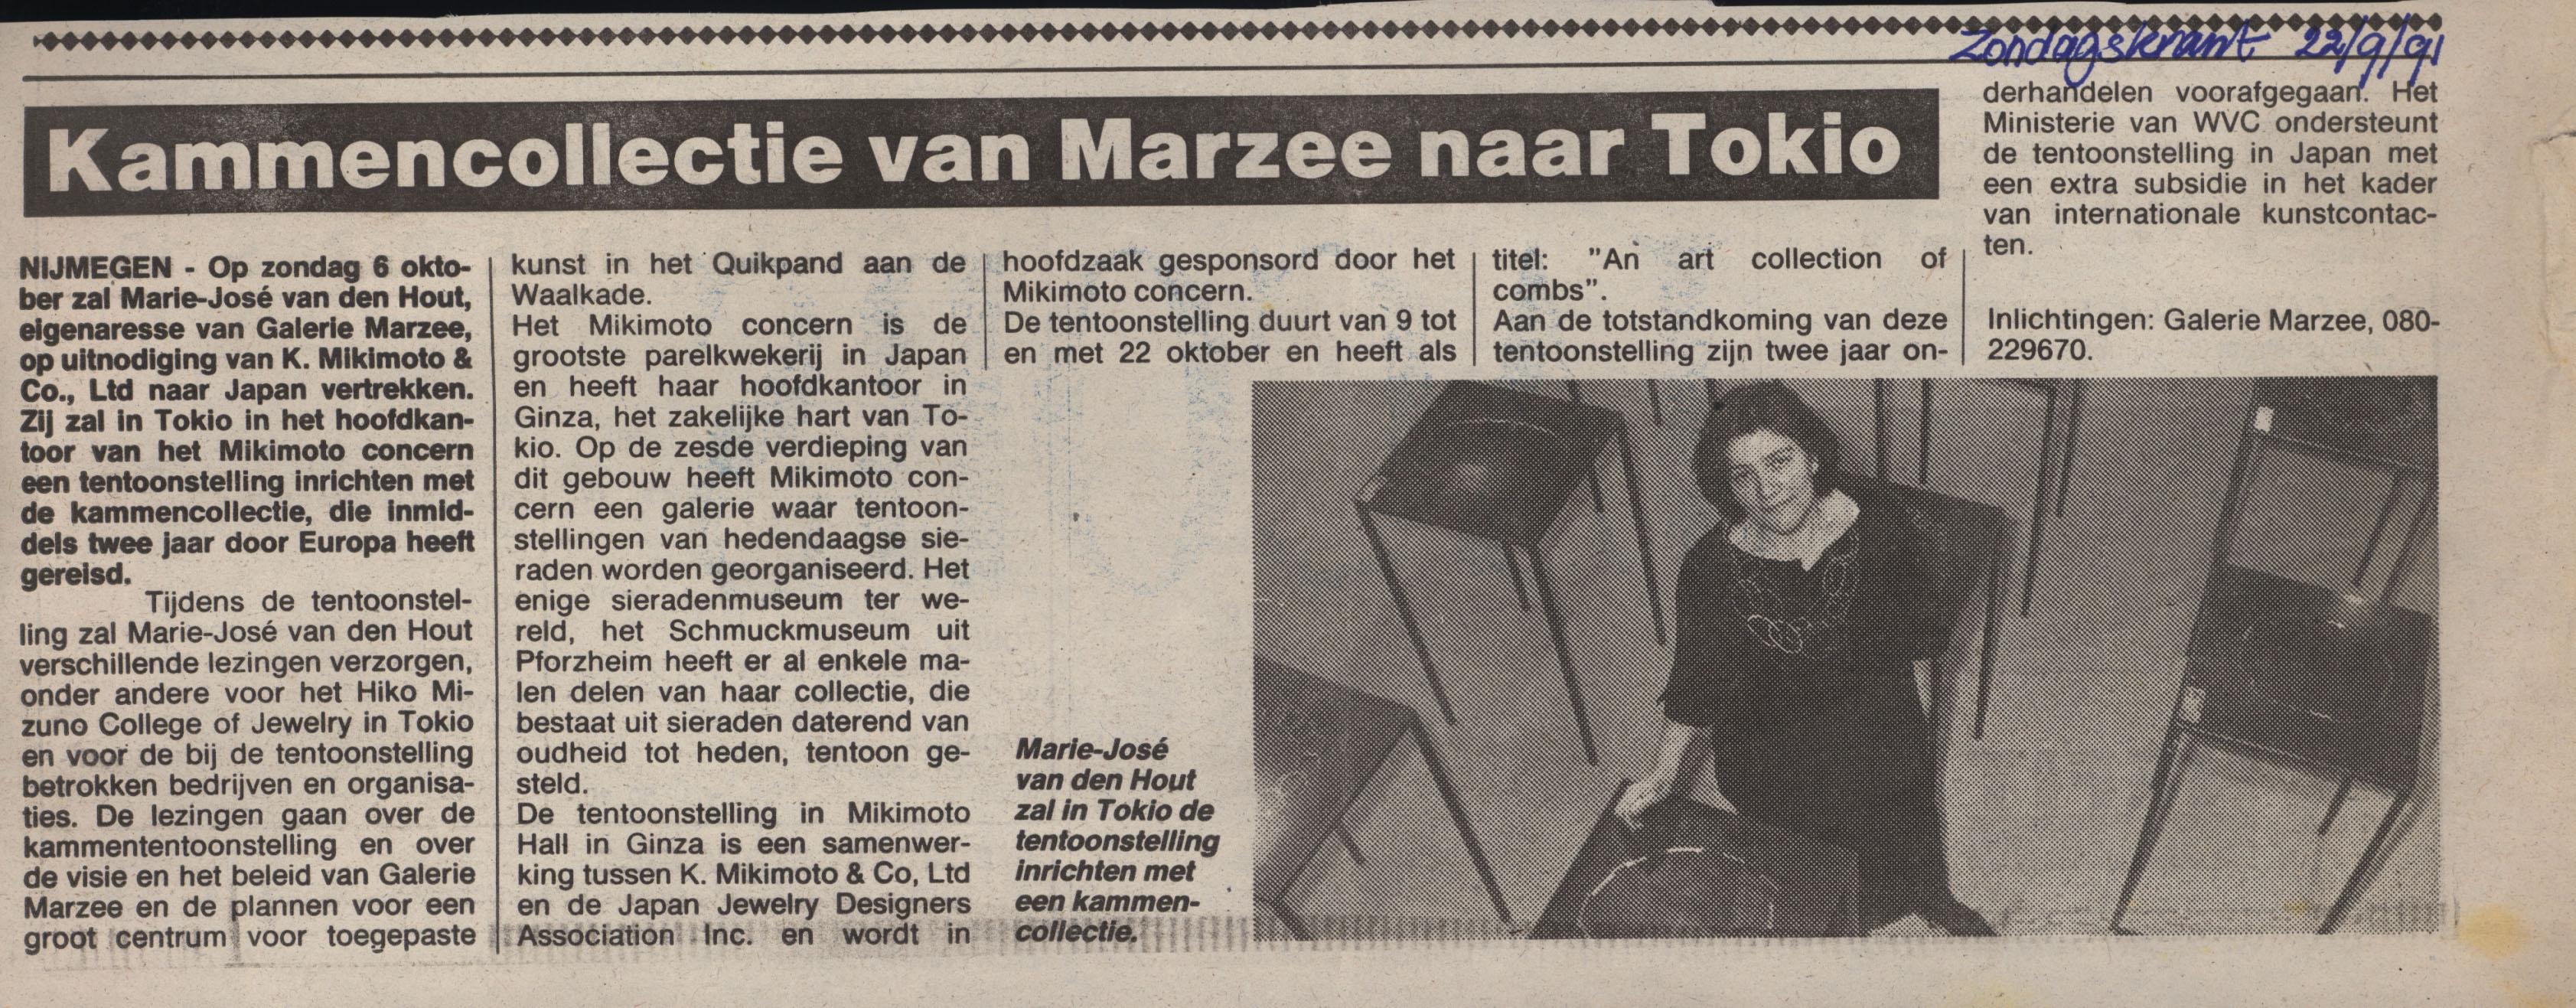 Kammencollectie van Marzee naar Tokio, Zondagskrant, 22 september 1991, krant, drukwerk, papier, Marie-José van den Hout, portret